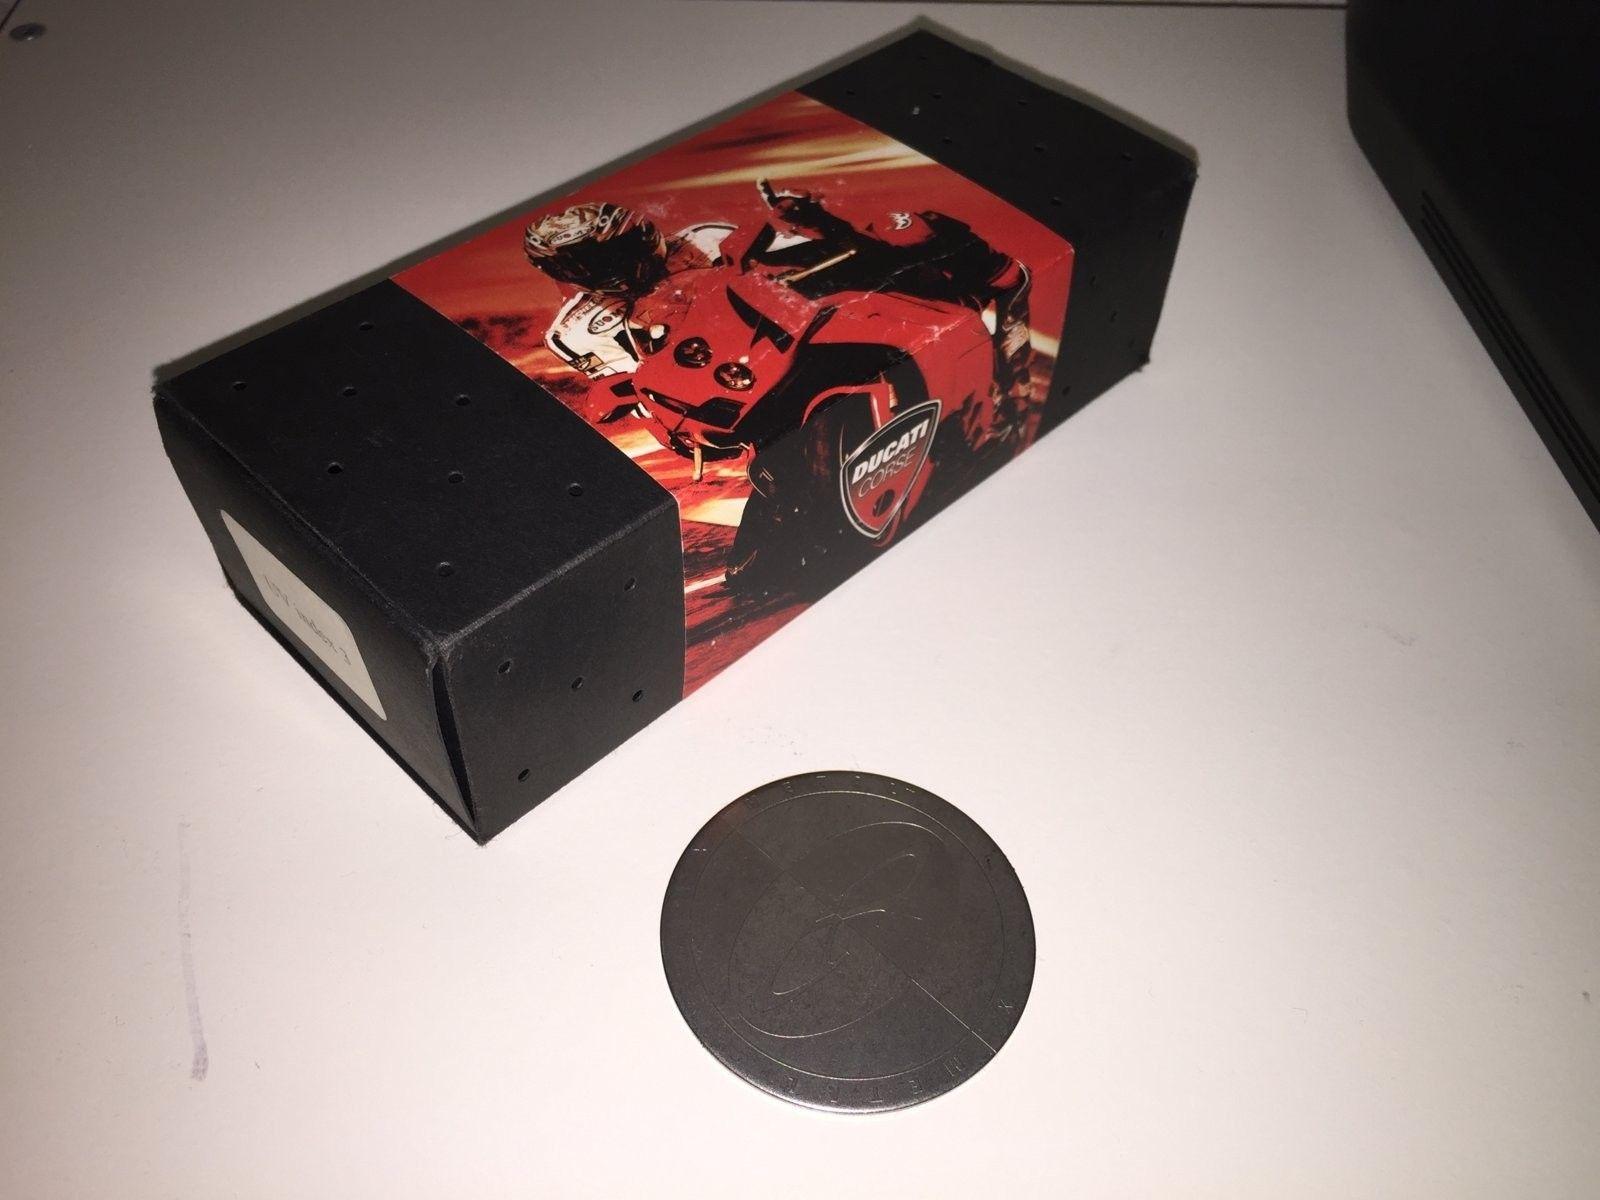 Questions about my Ducati Oakley Juliet X-Metal - Datei 15.02.16, 16 57 05.jpeg